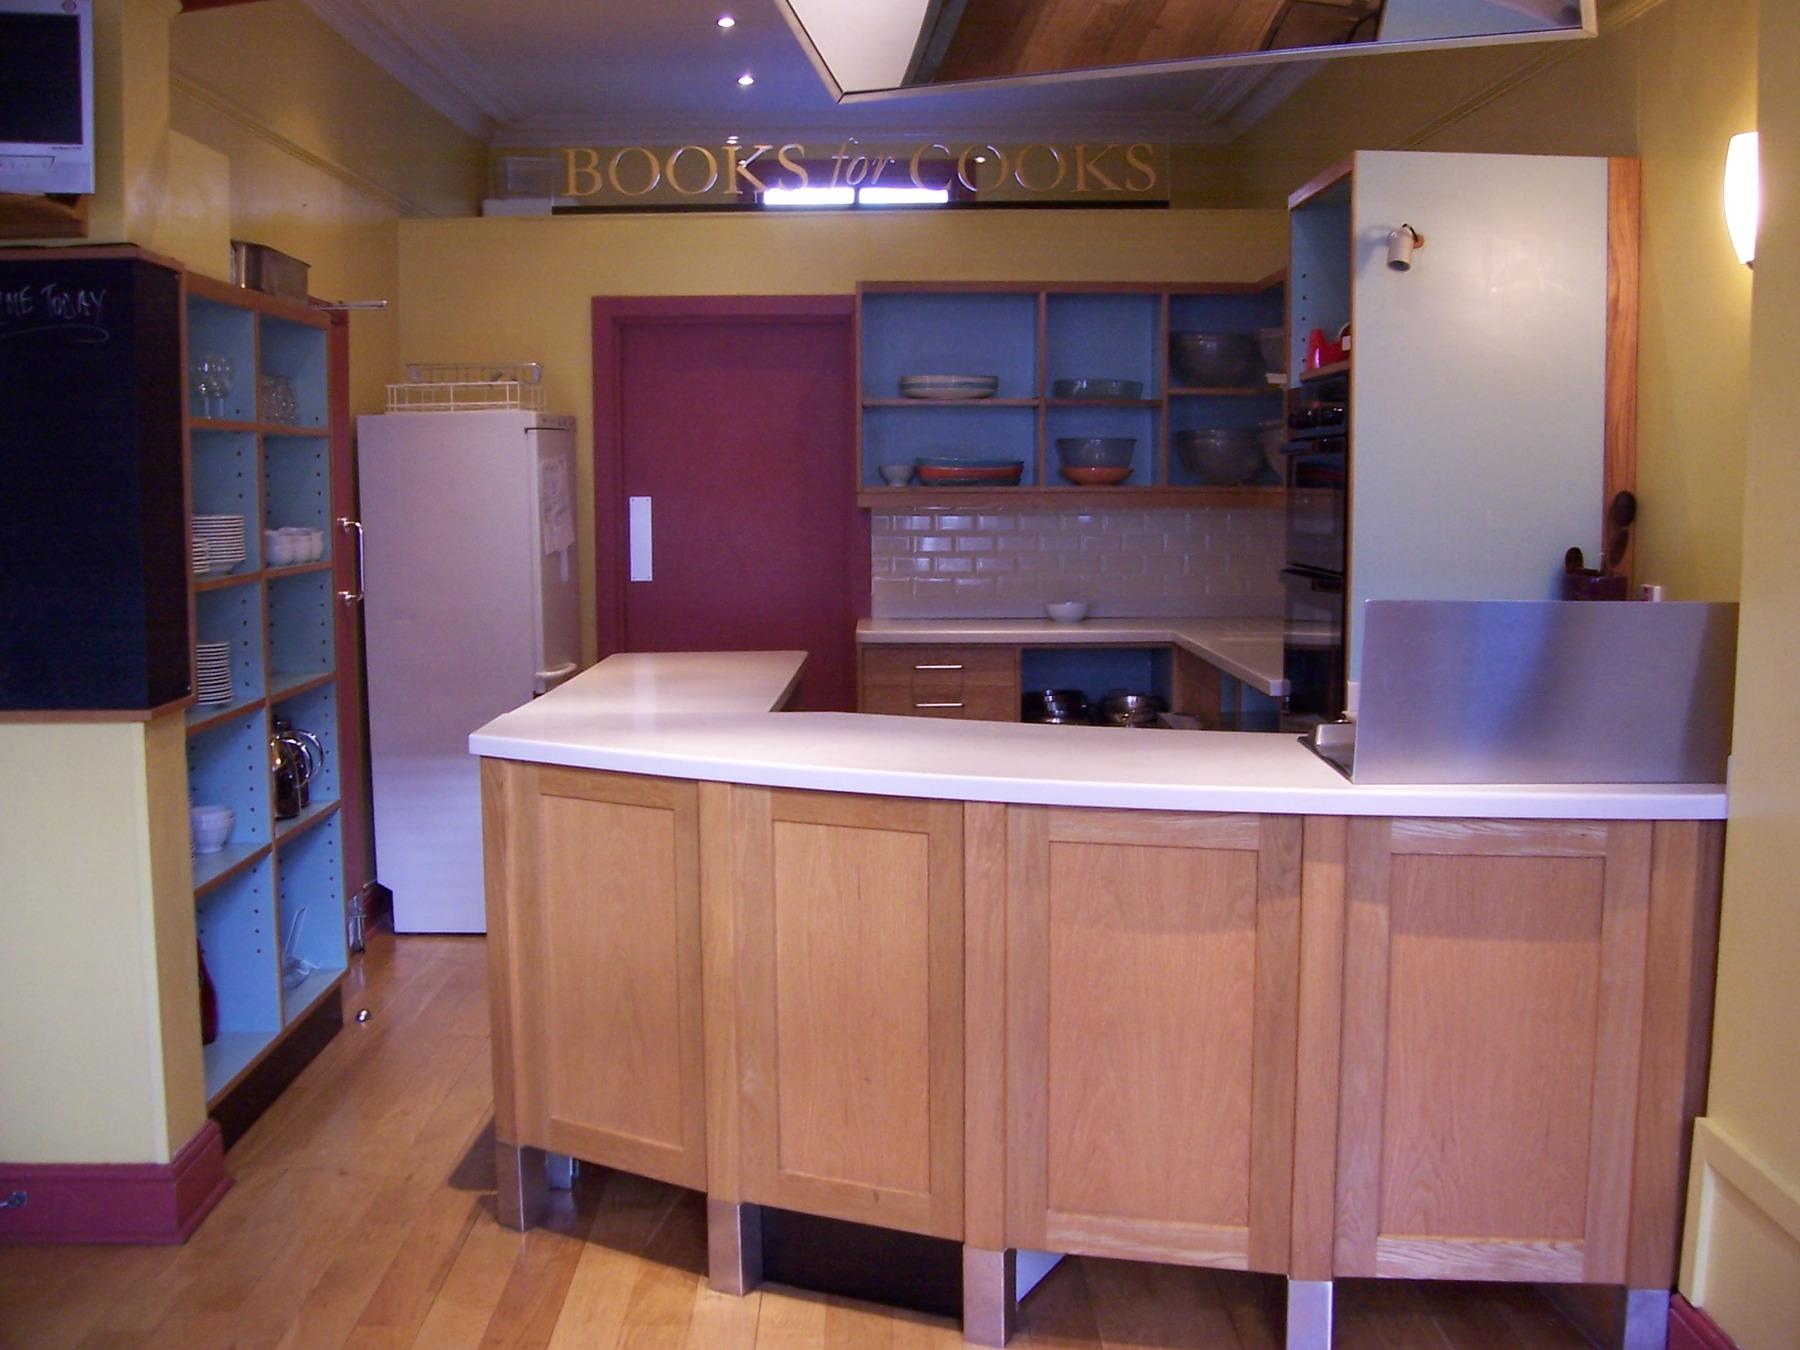 Redesign Kitchen Floor Plan With Odd Offset